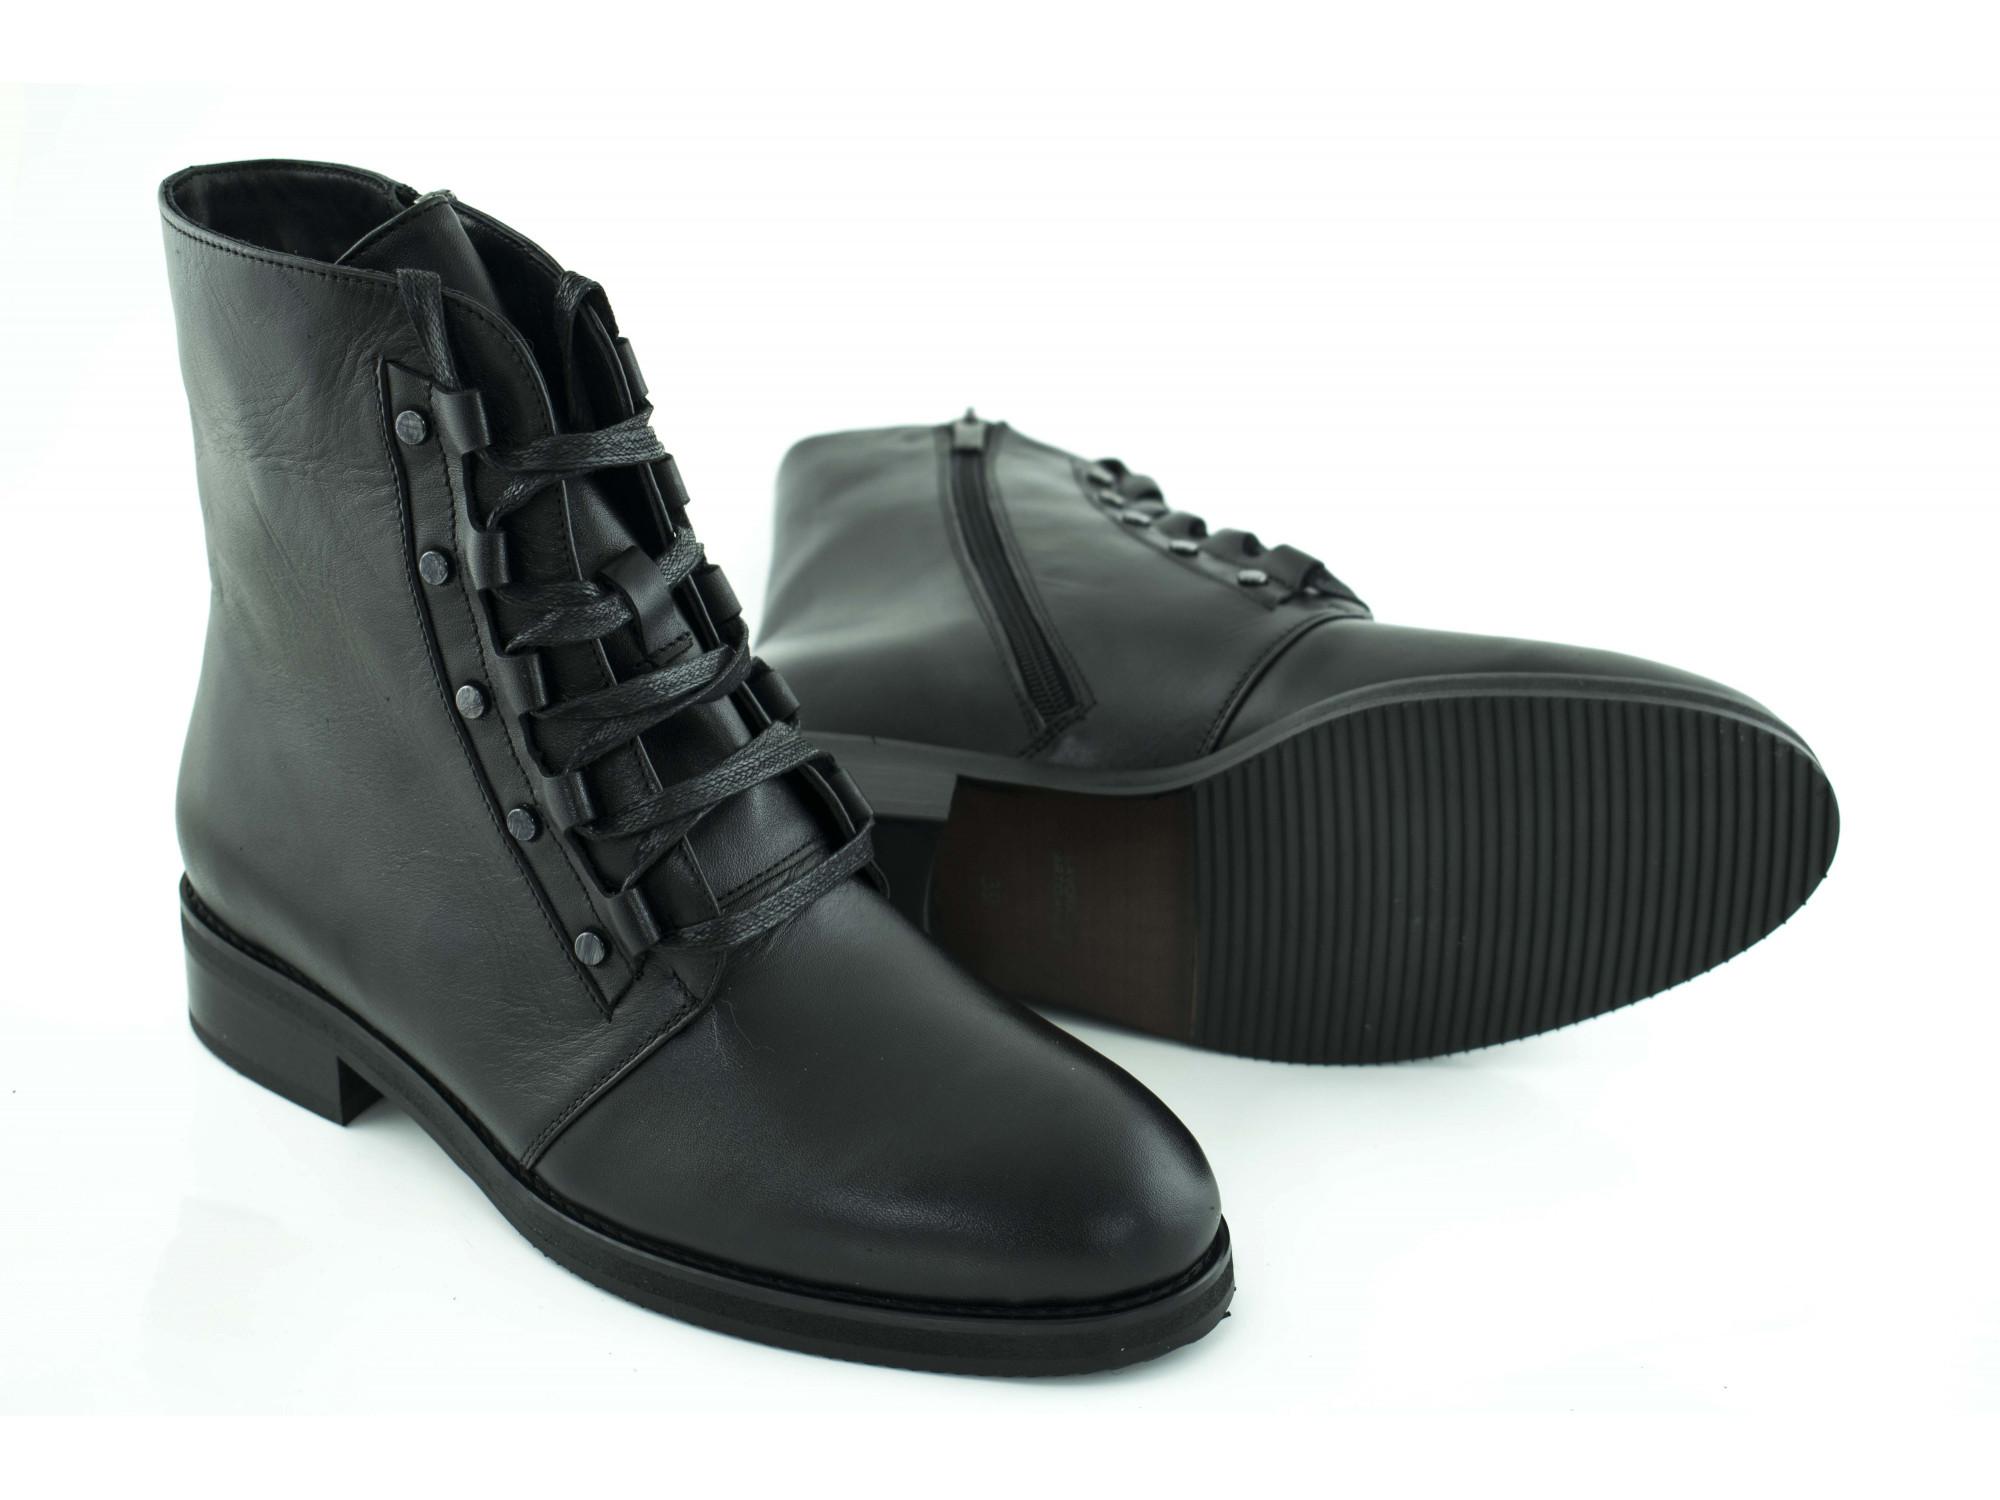 Ботинки Monroe 178-001-20